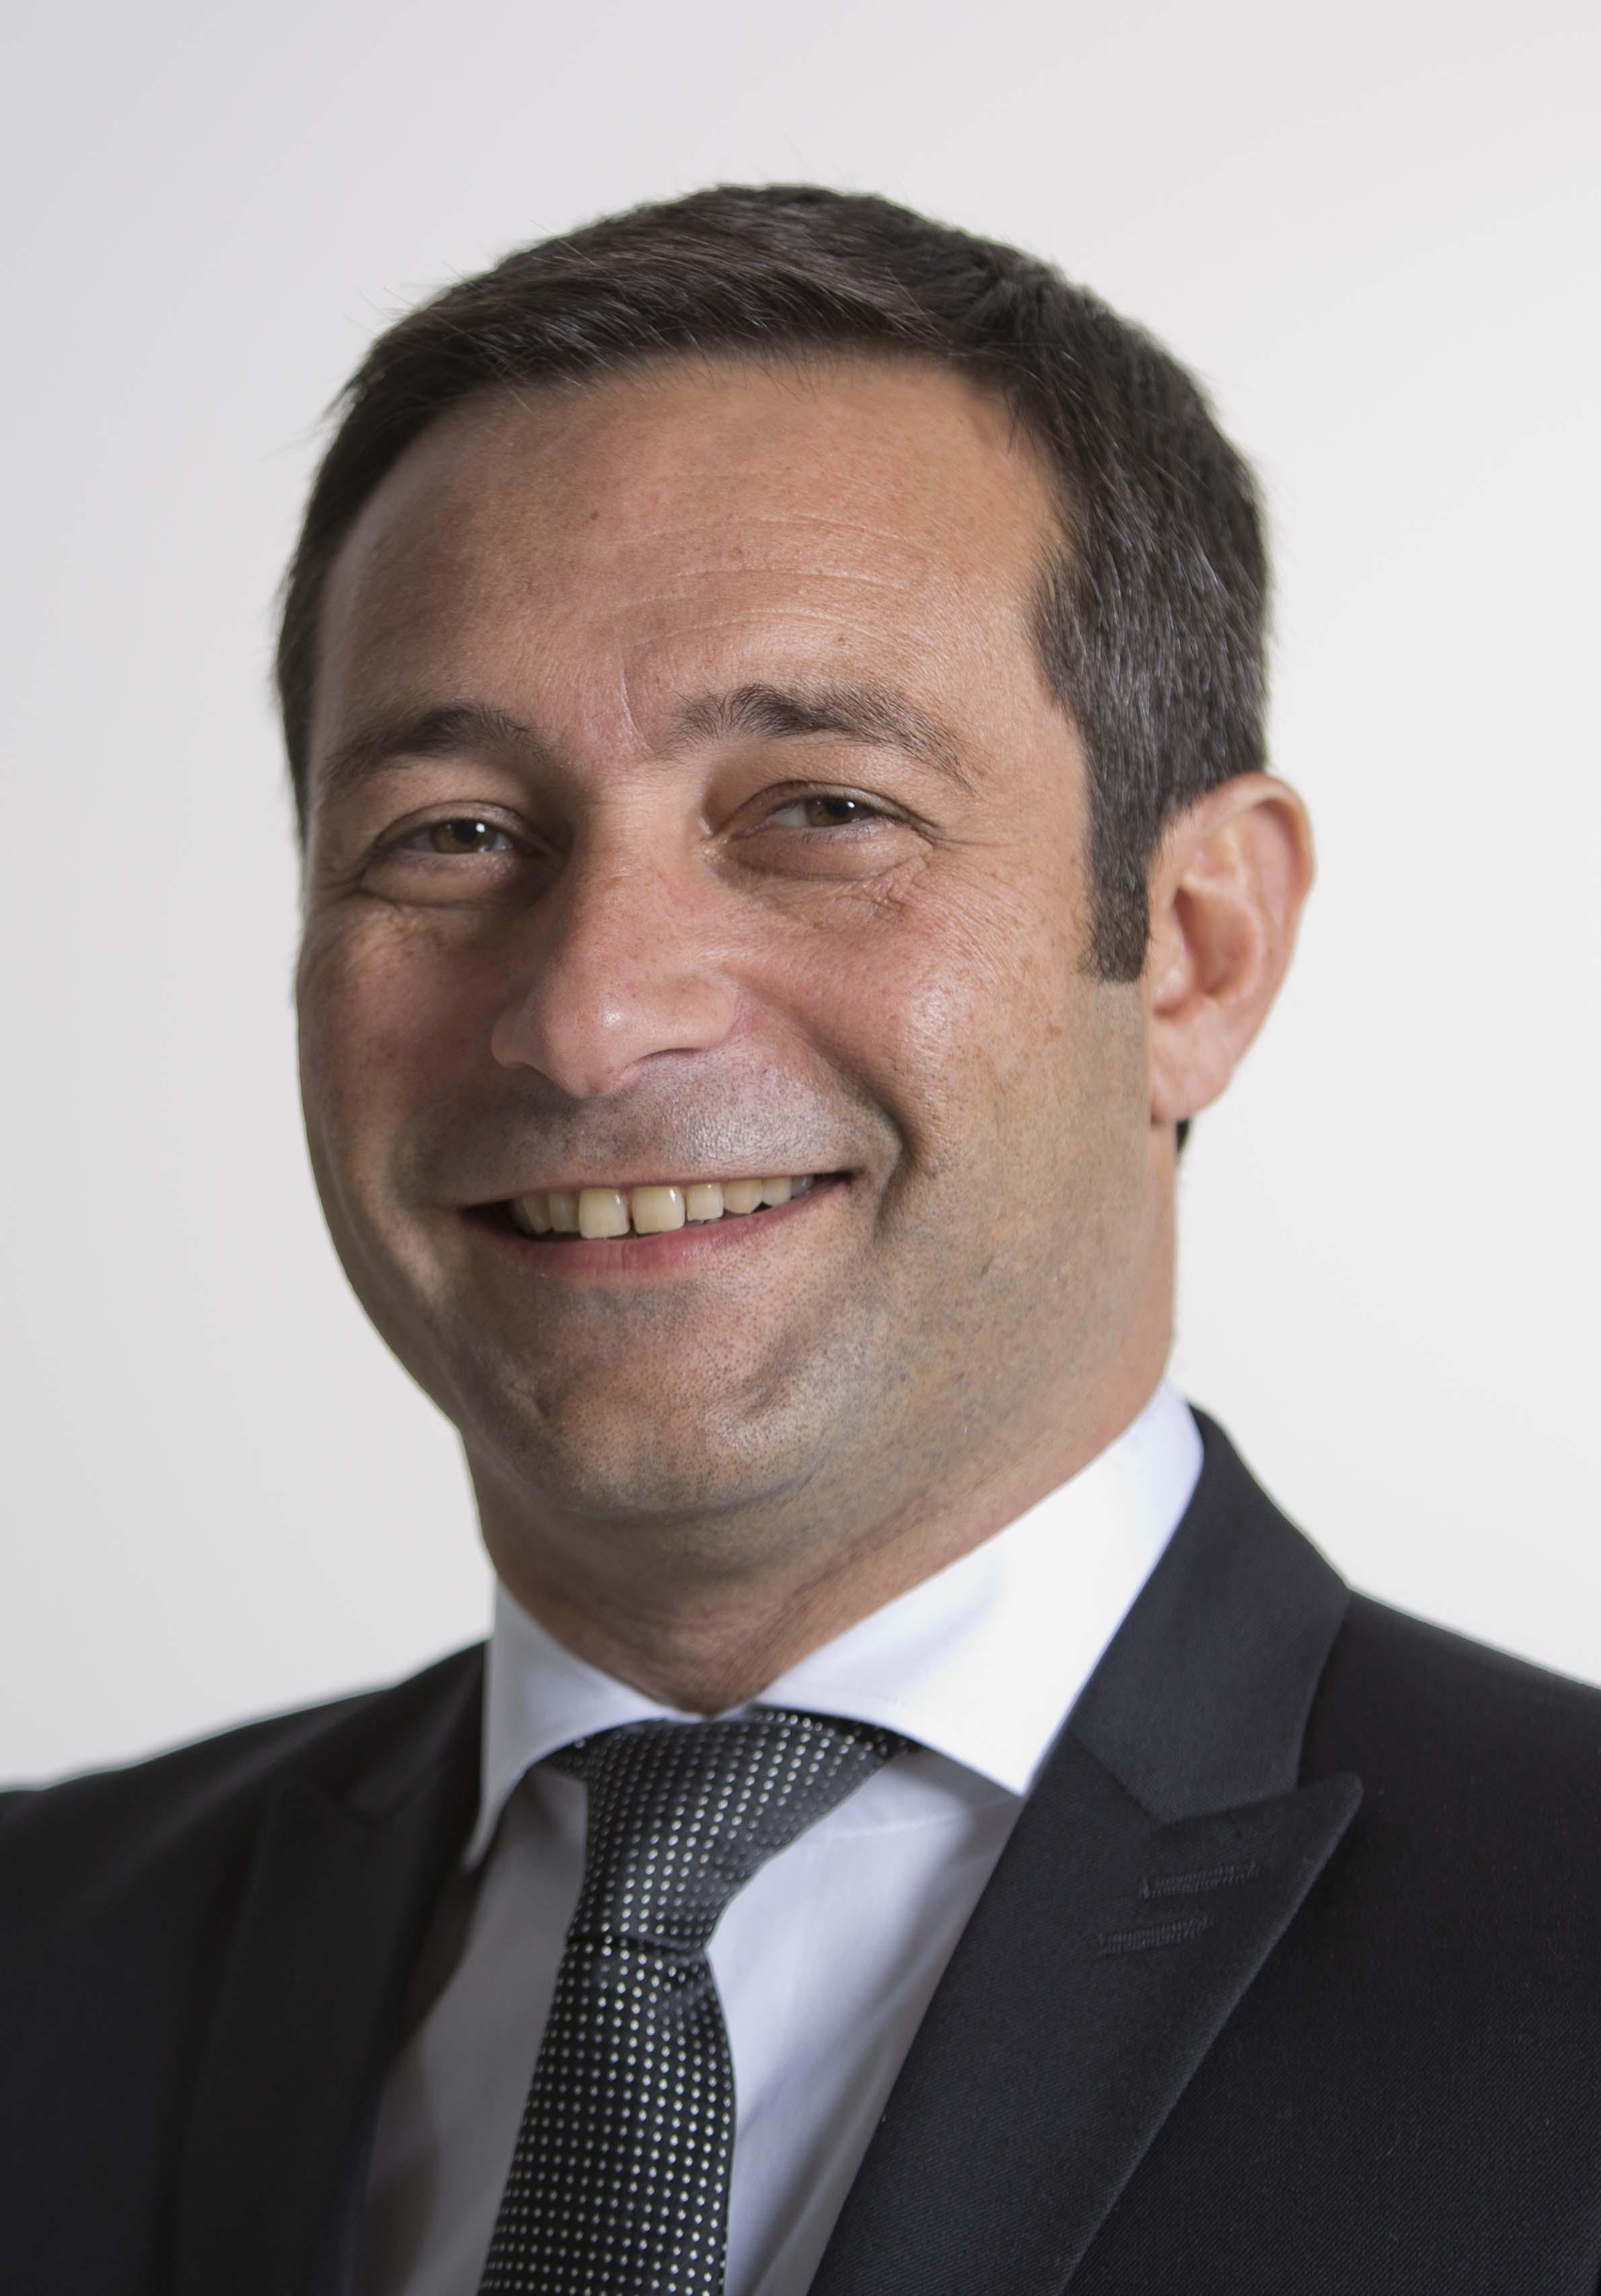 Réunion de la Commission des compétences législatives et réglementaires et de la Commission pour l'évolution statutaire de la Corse le 1er mars 2018